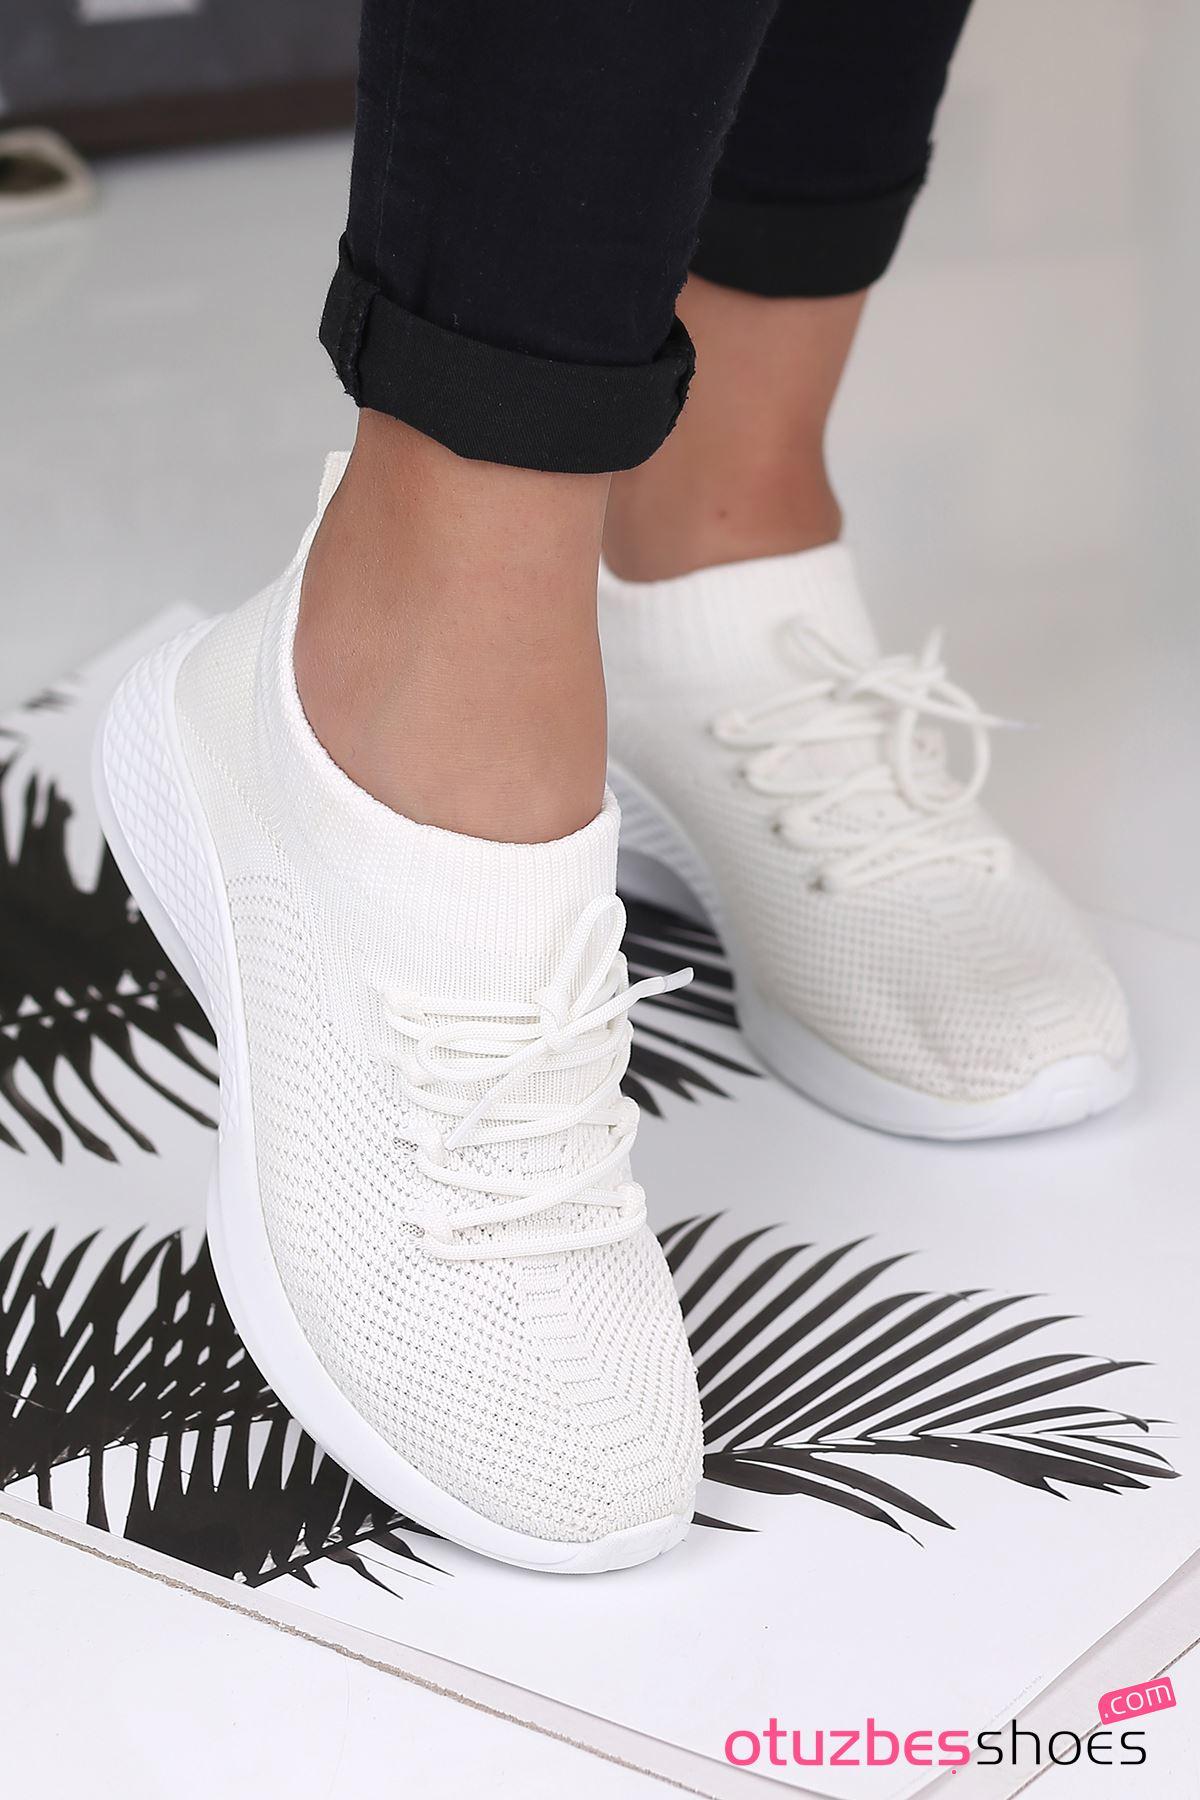 Pops Çelik Örgü Bağcık Detay Triko Kadın Spor Ayakkabı Beyaz